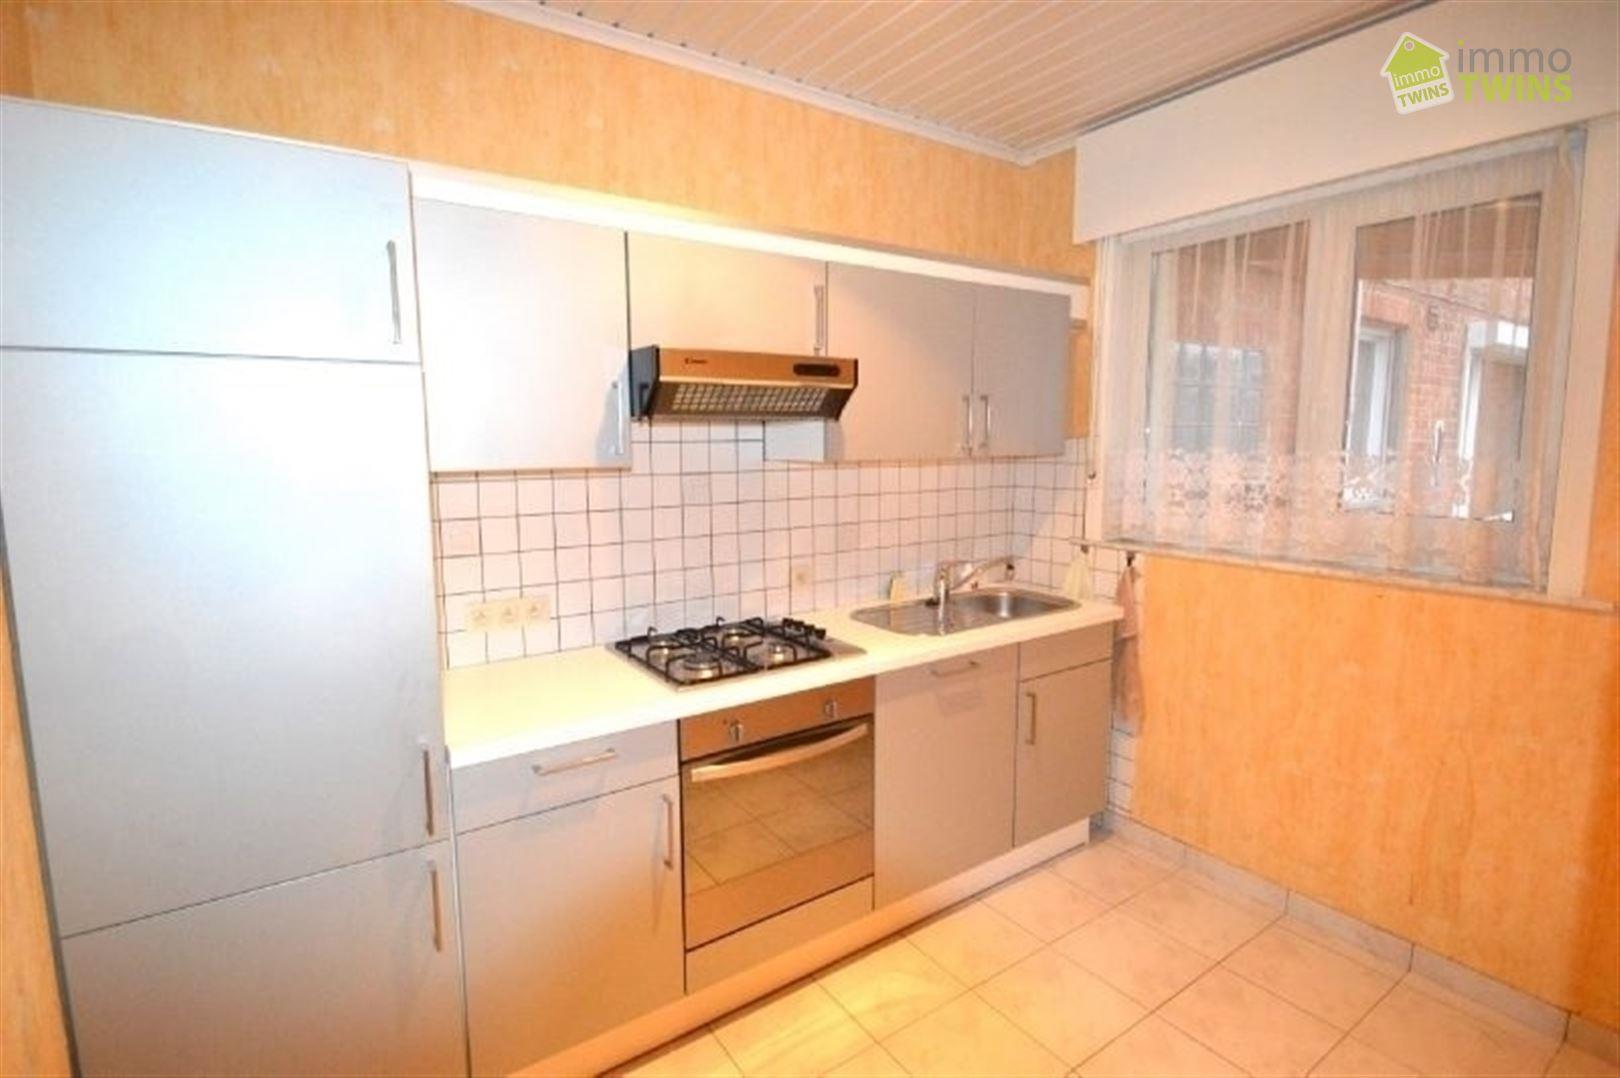 Foto 8 : Woning te 9200 Baasrode (België) - Prijs € 685